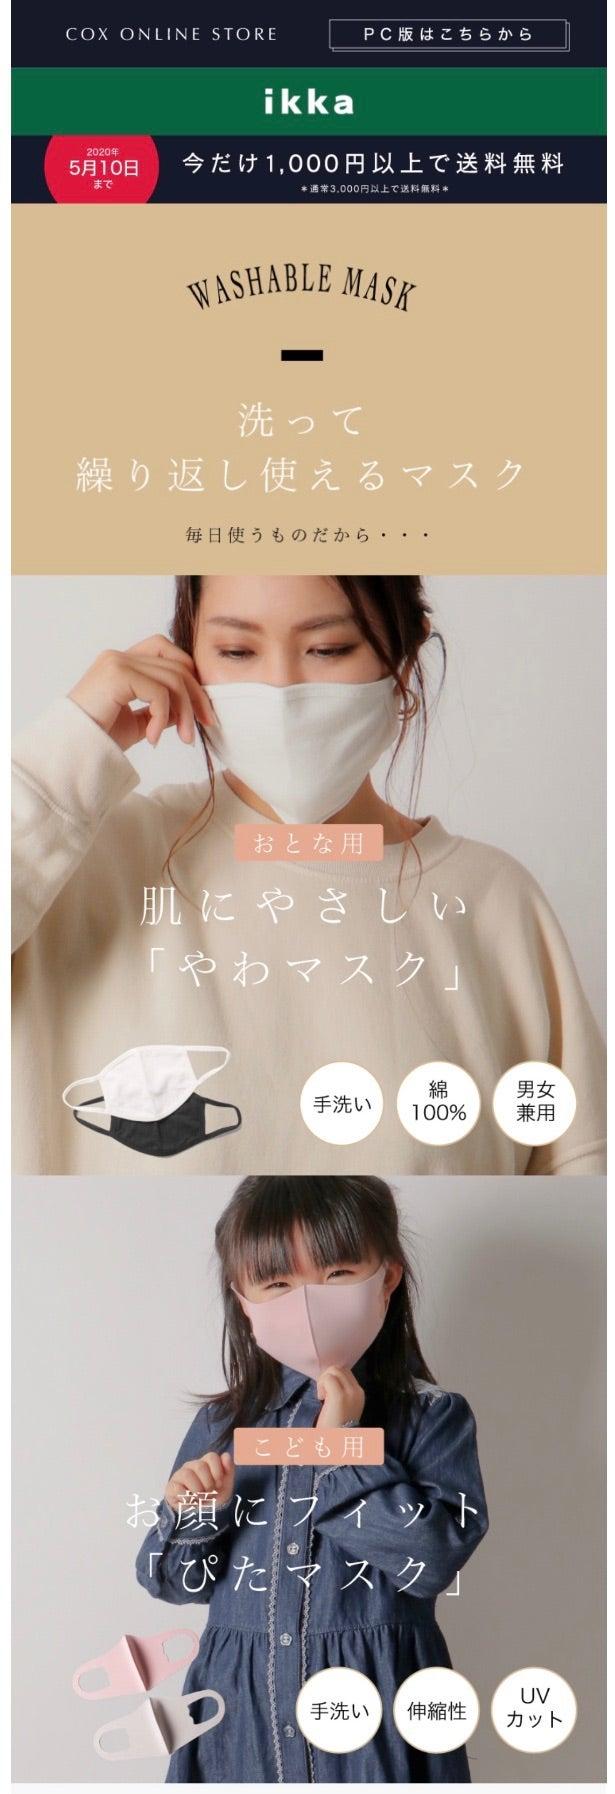 マスク 予約 イオン